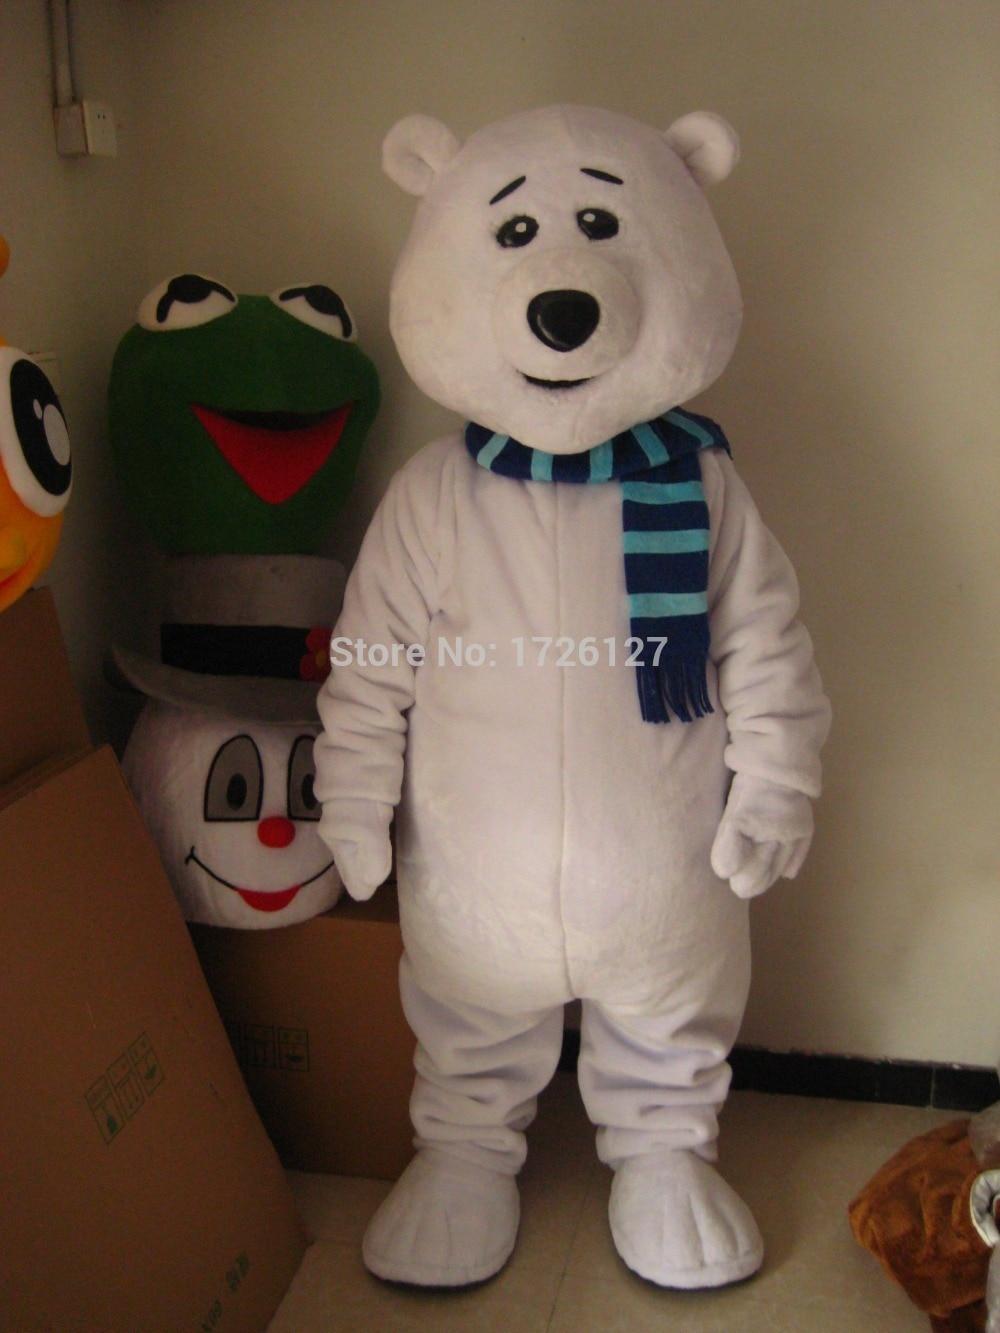 mascot polar bear white bear mascot costume custom fancy costume anime cosplay kit mascotte fancy dress carnival costume